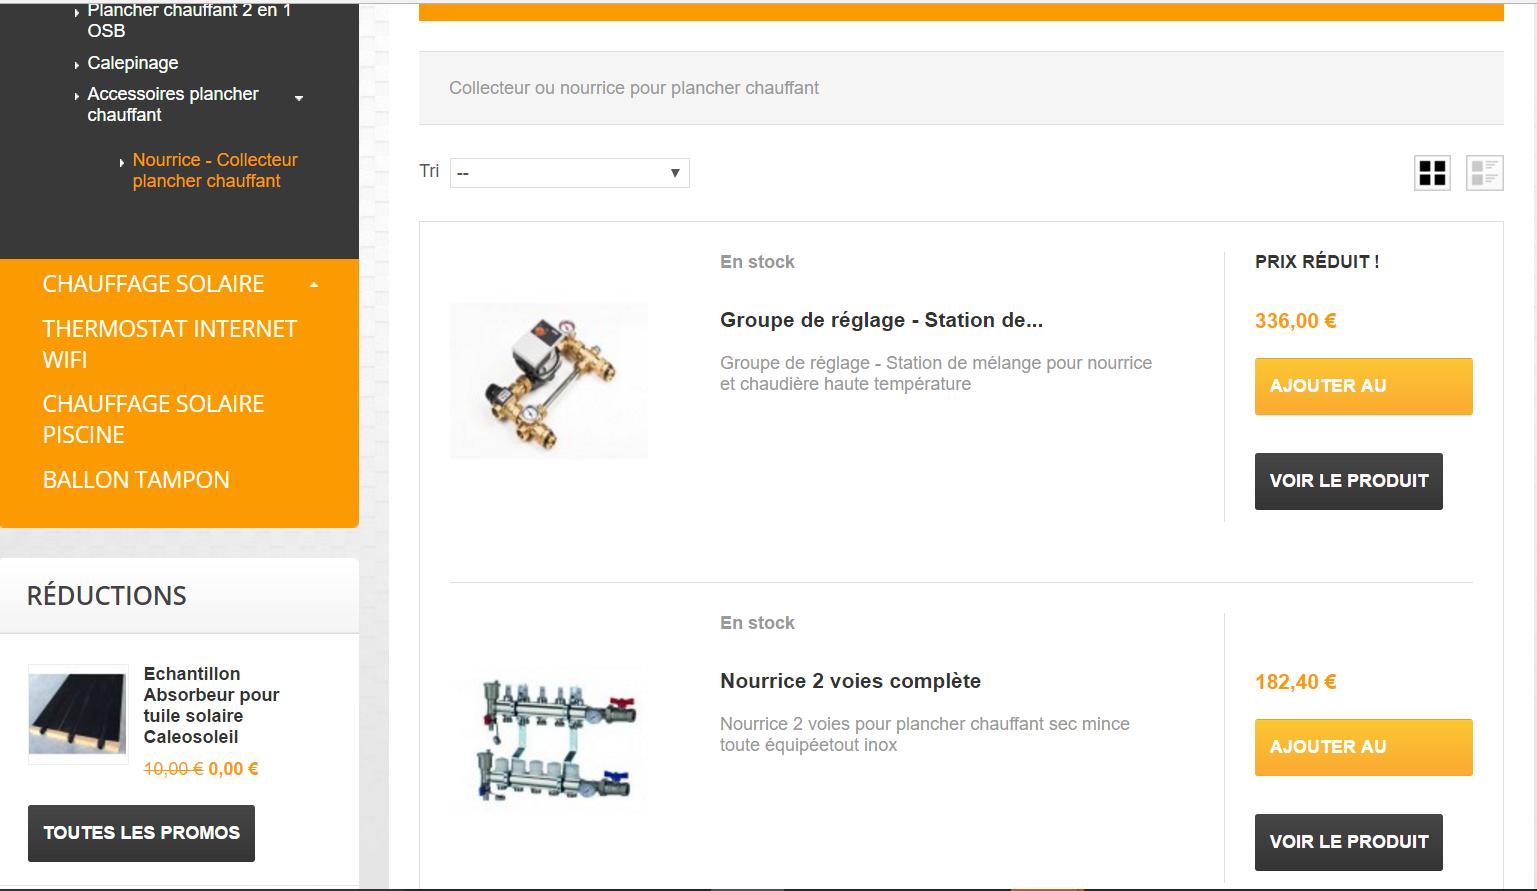 Click pour accès boutique-caleosol.fr